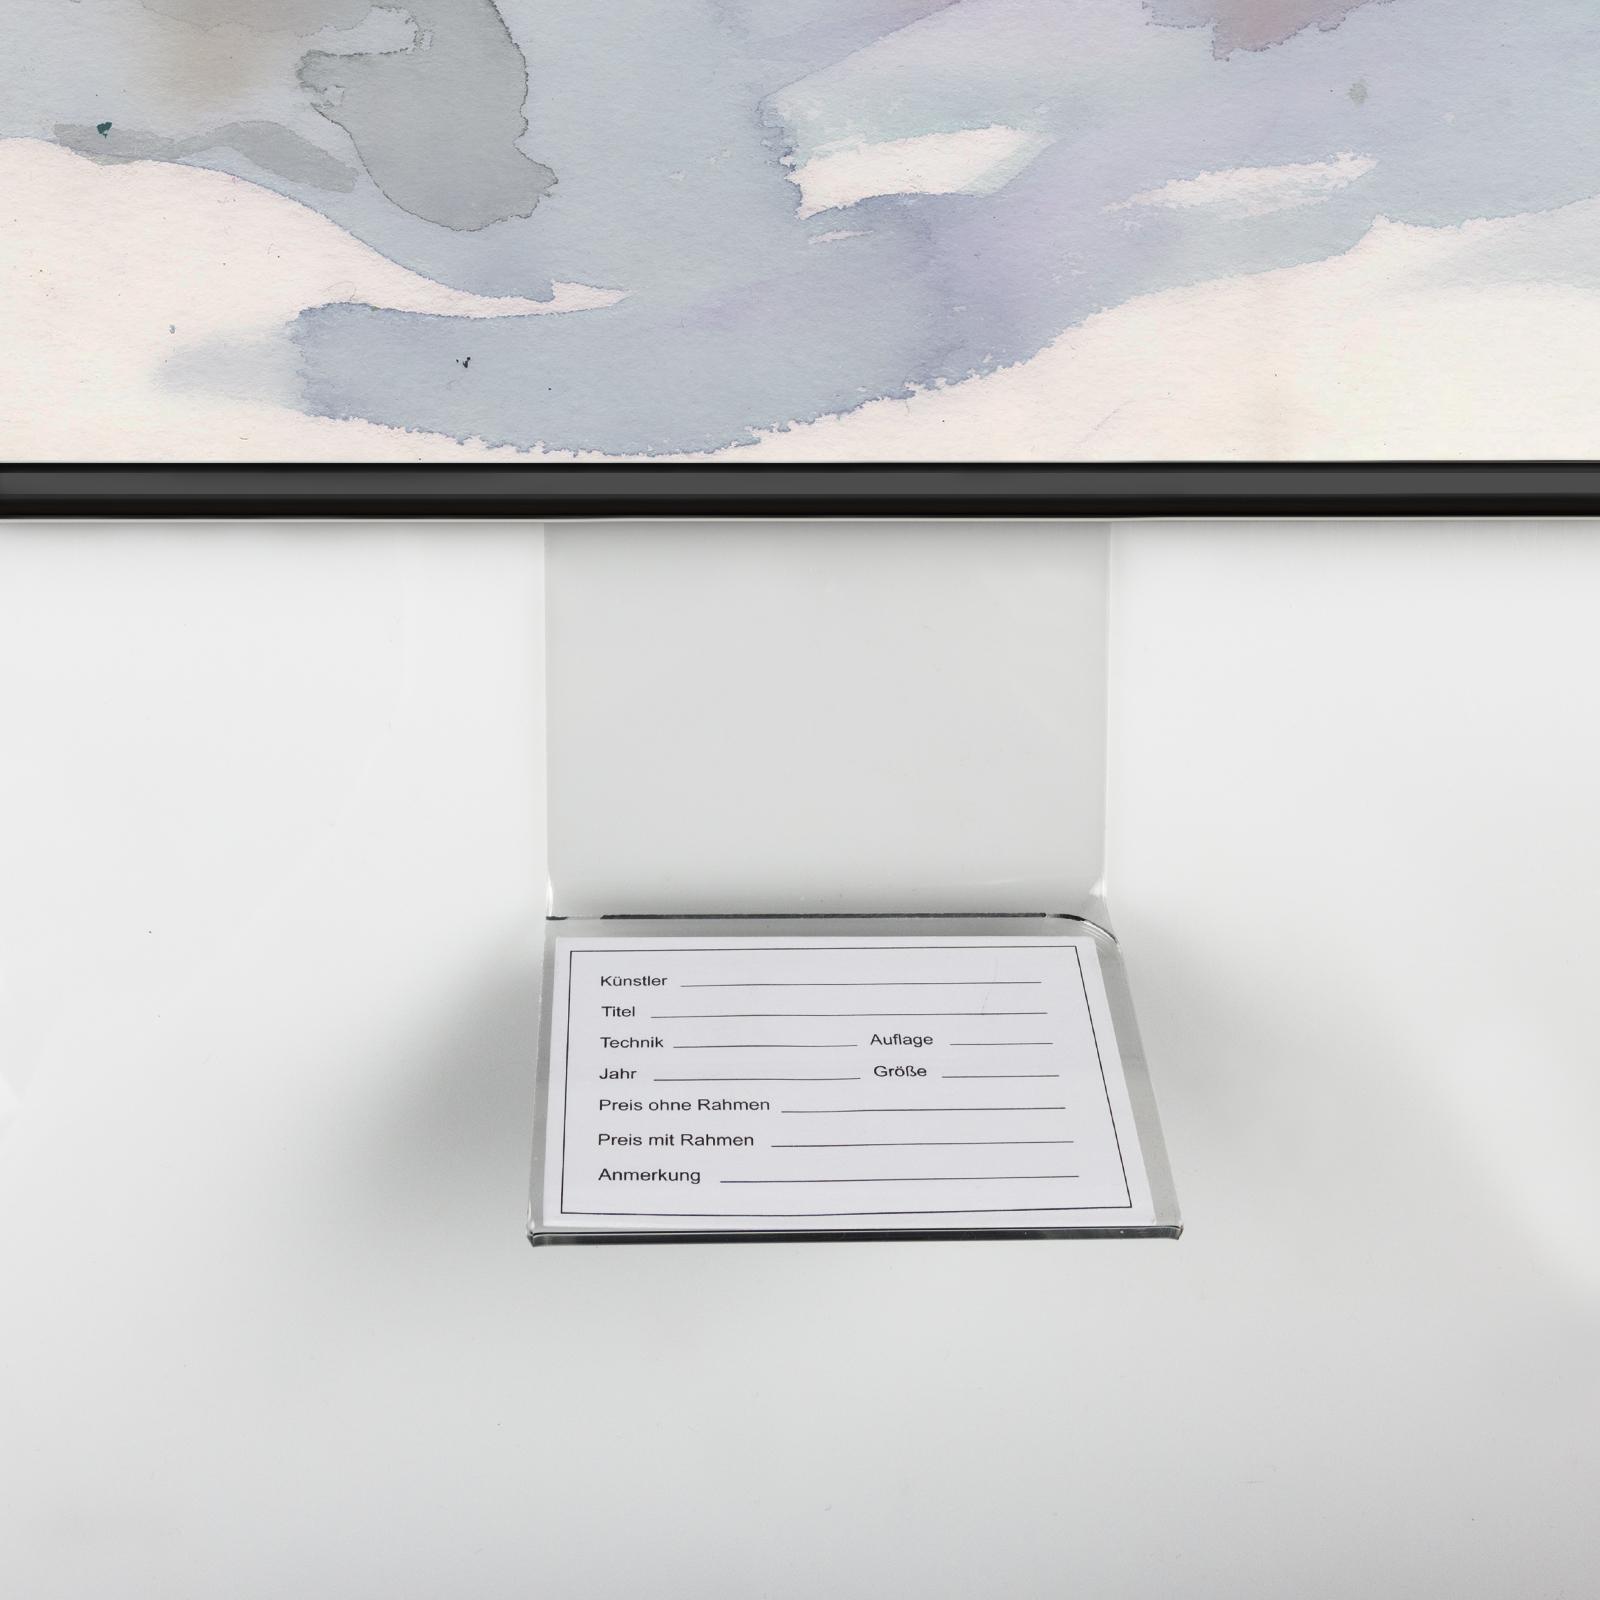 Preishalter / Schildhalter aus Acrylglas für Alu-Rahmen, gebogen ...